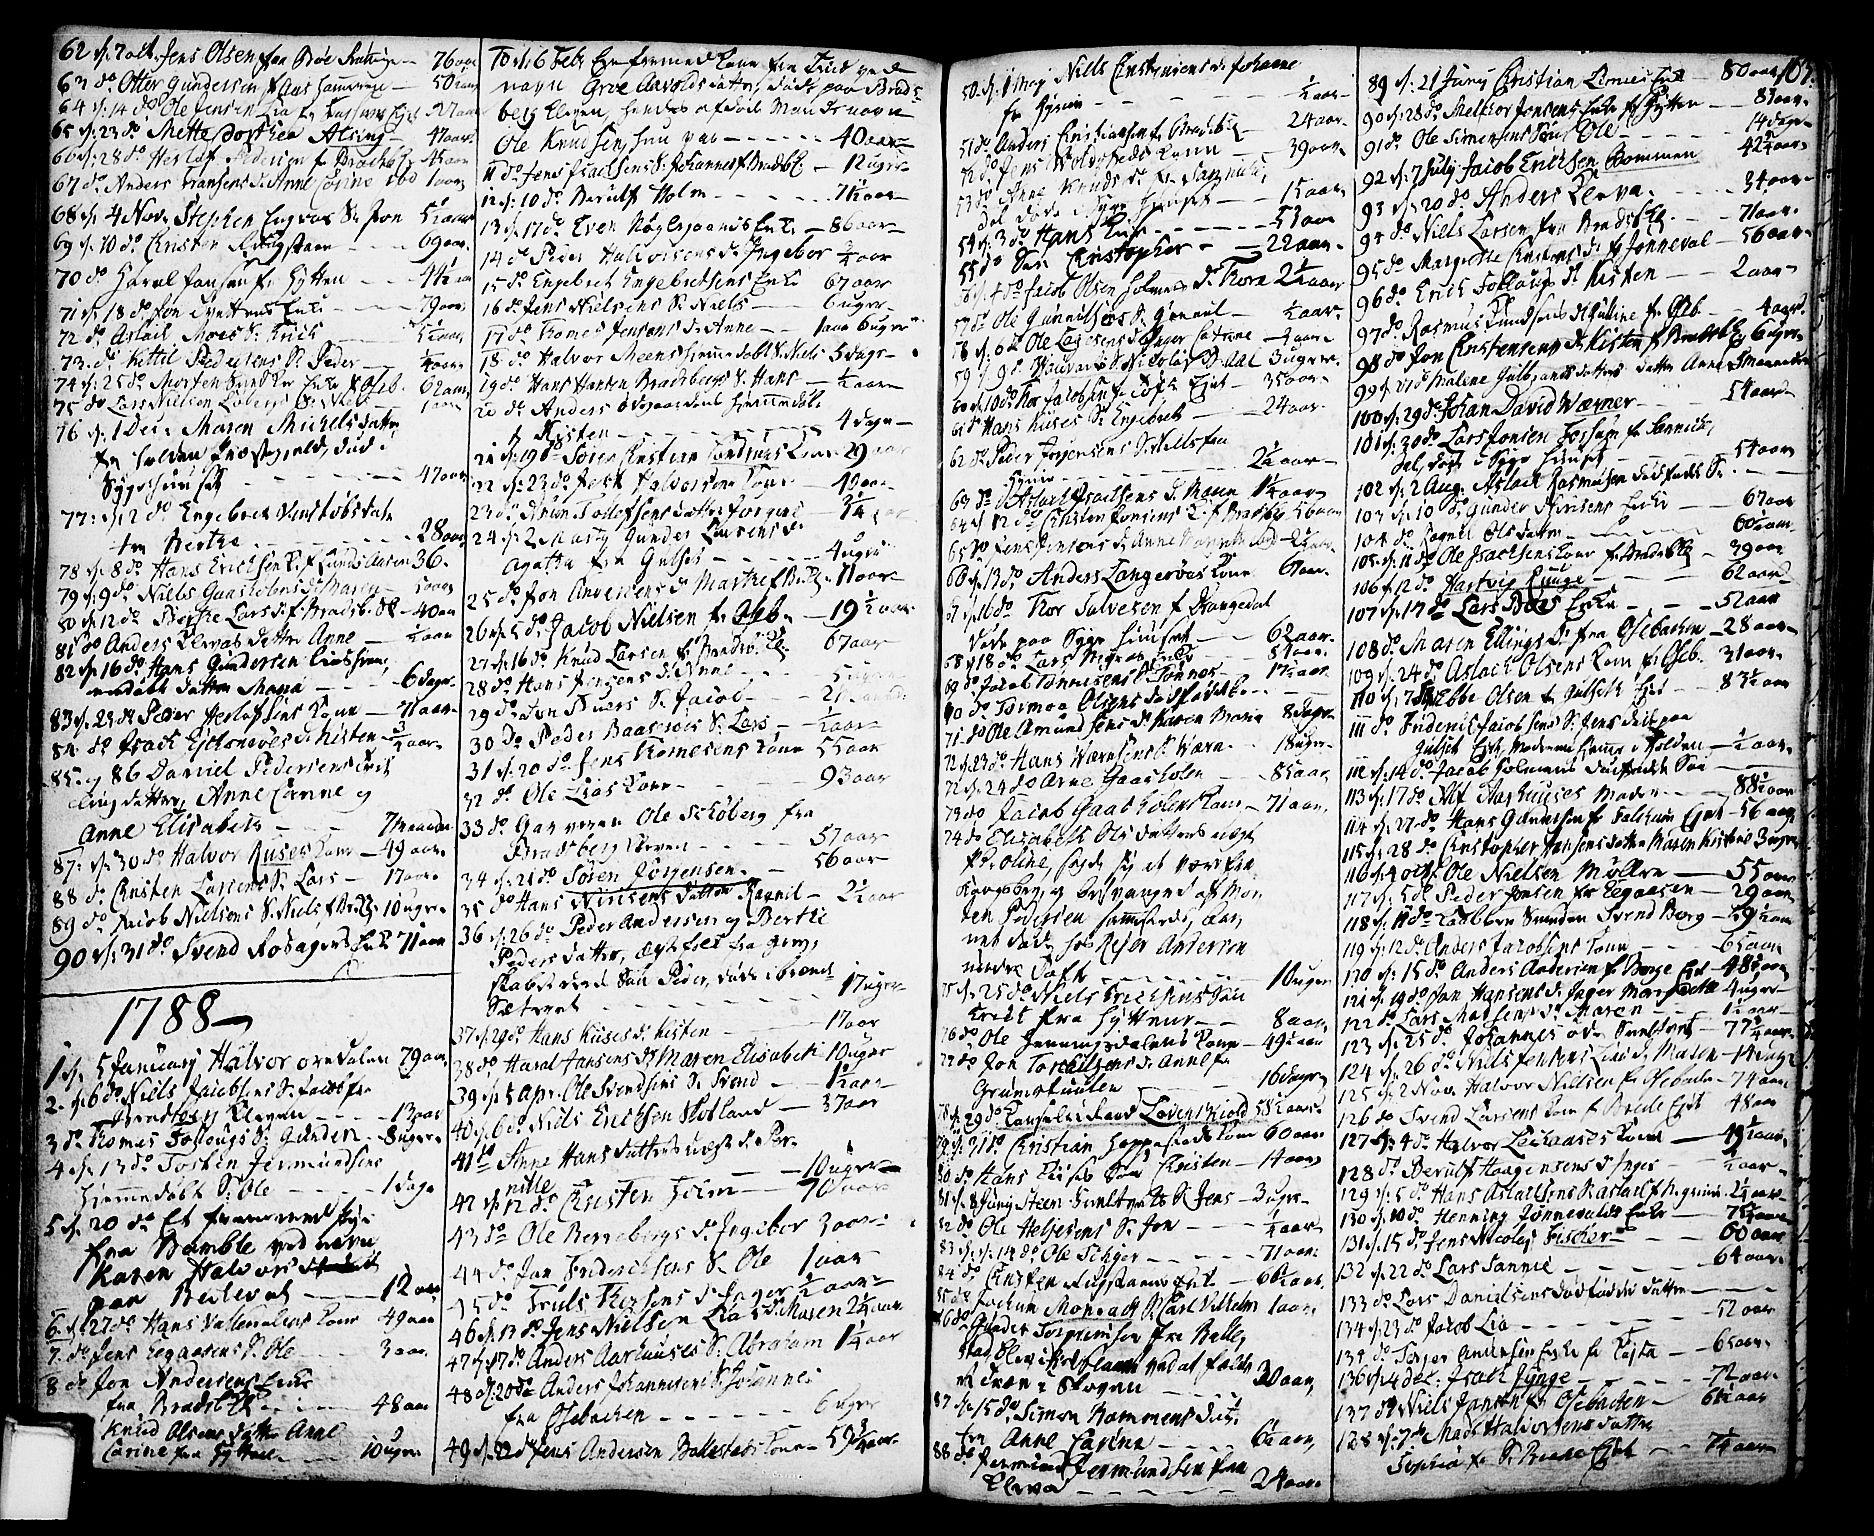 SAKO, Gjerpen kirkebøker, F/Fa/L0002: Ministerialbok nr. 2, 1747-1795, s. 163